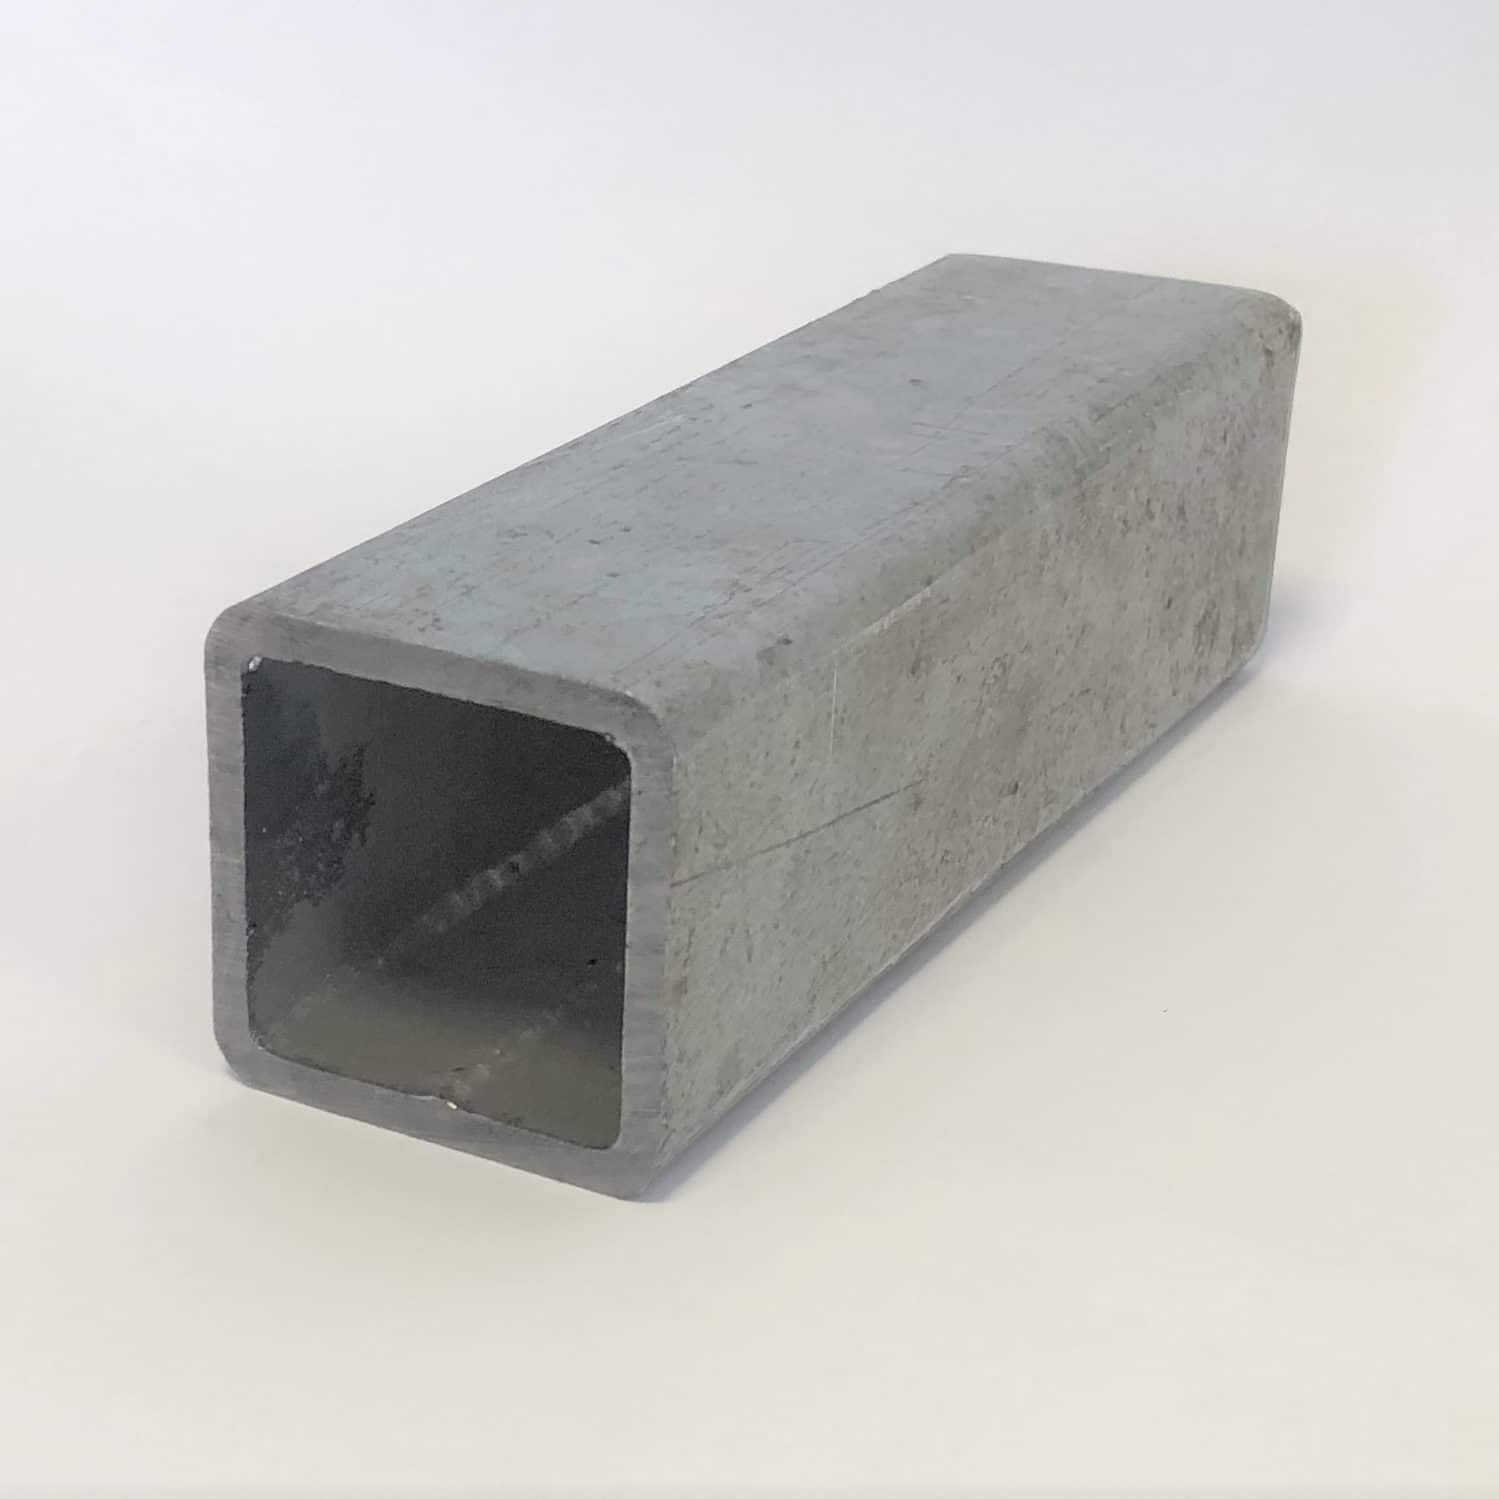 Bild på ett varmförzinkat konstruktionsrör KKR hålprofil från Bromma Stål